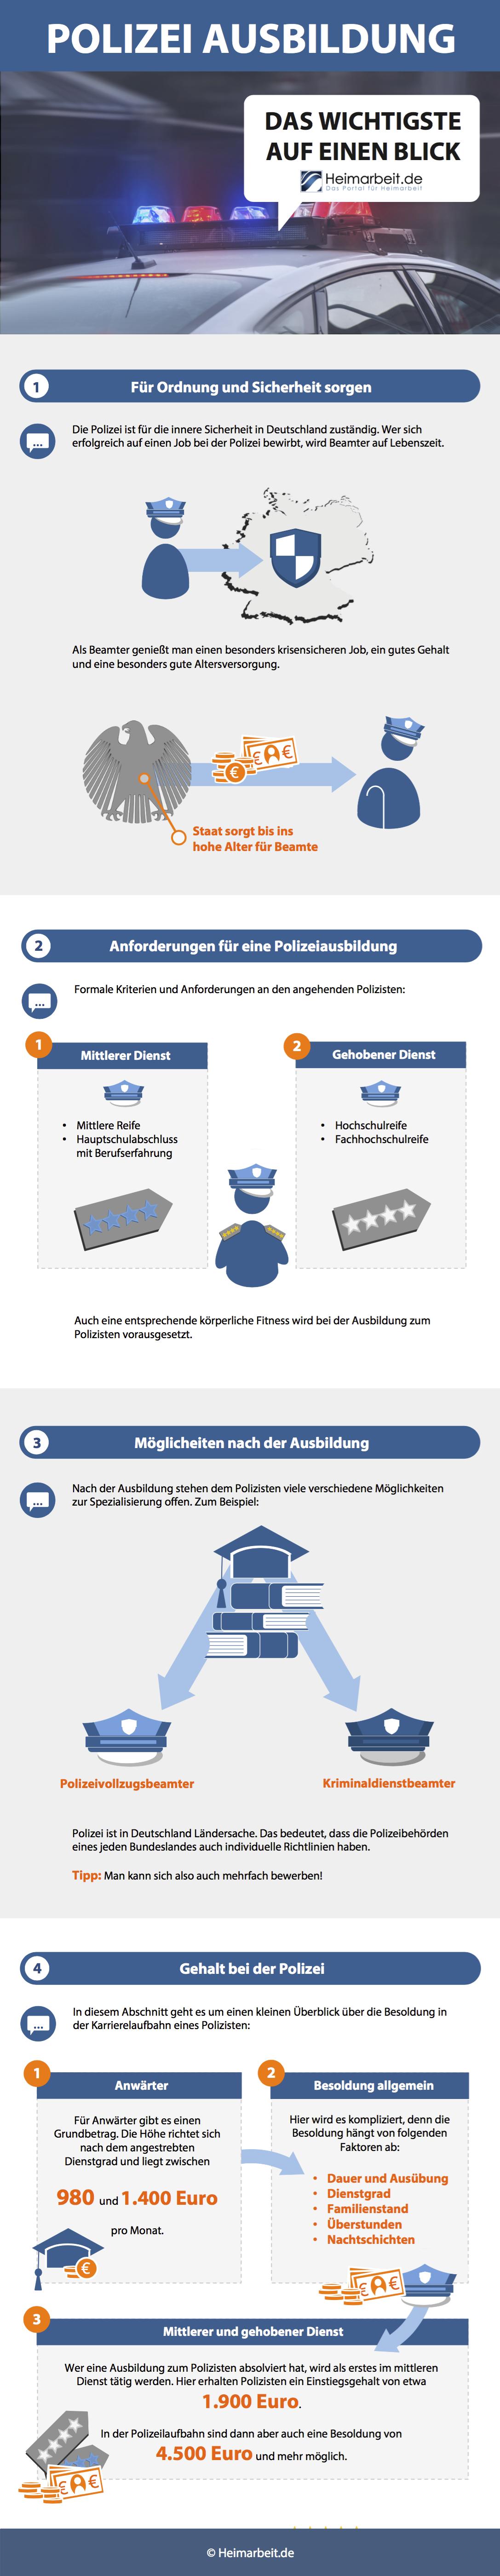 verdienst polizei einfache ideen zum geld verdienen beste bevorstehende kryptowährung, in die man investieren kann